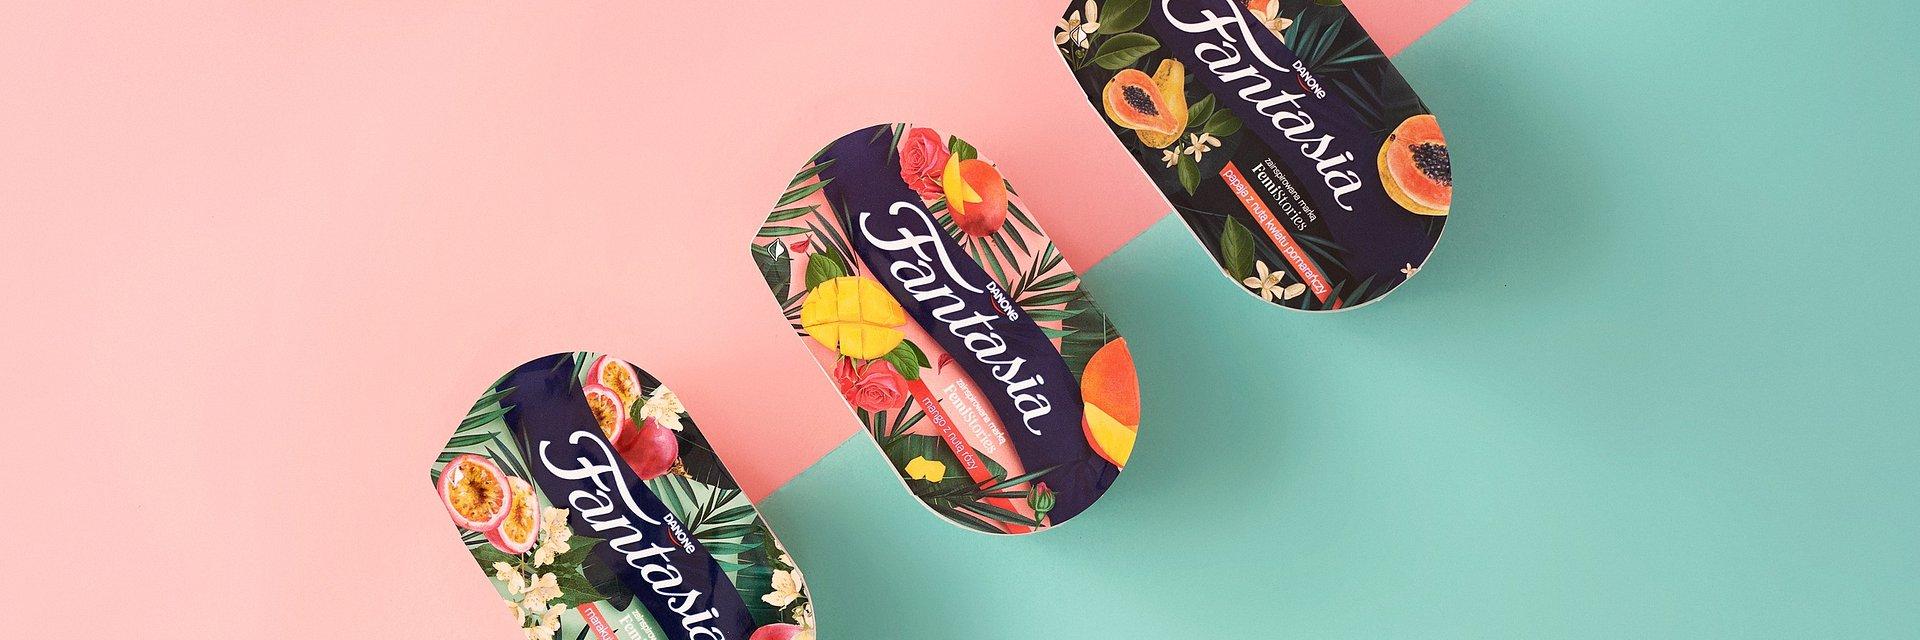 Fantasia rozkwita na wiosnę! Premiera smaków łączących owoce egzotyczne z nutami kwiatowymi.